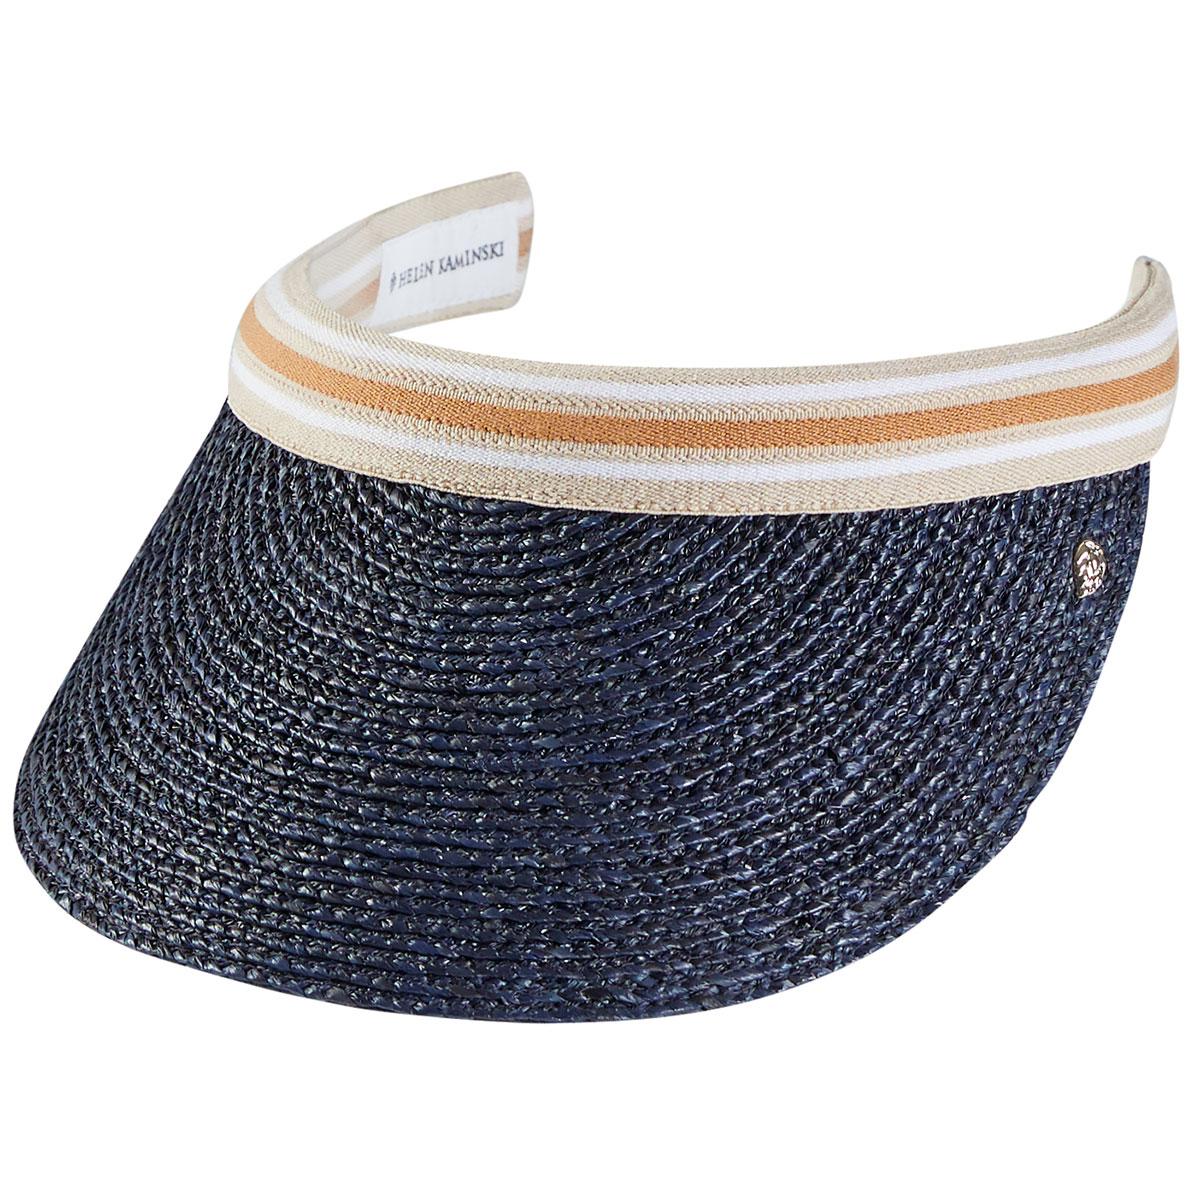 Women's Vintage Hats | Old Fashioned Hats | Retro Hats Bianca Visor $155.00 AT vintagedancer.com